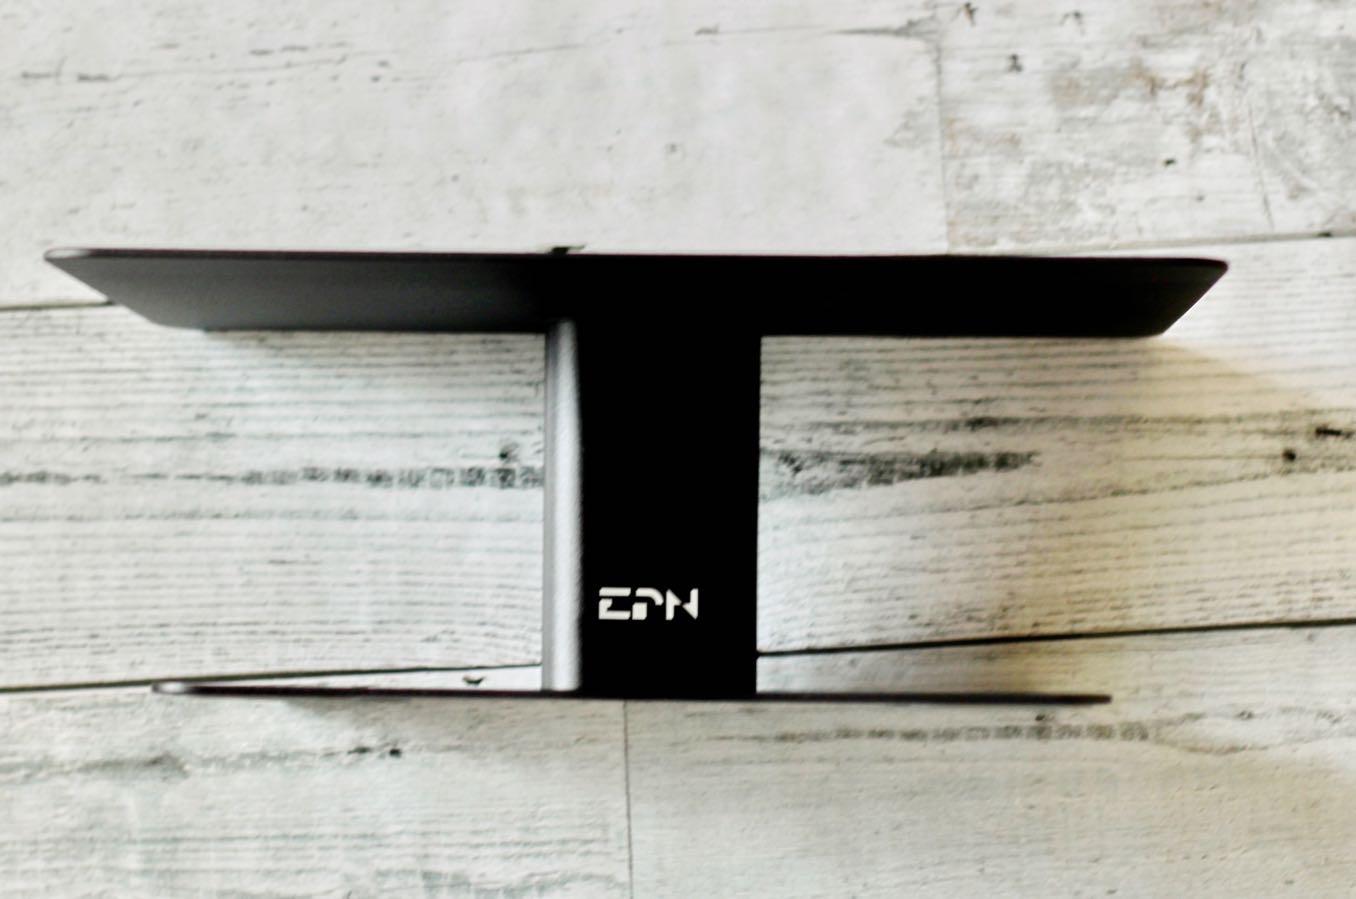 EPN モニタースタンドだけを撮影